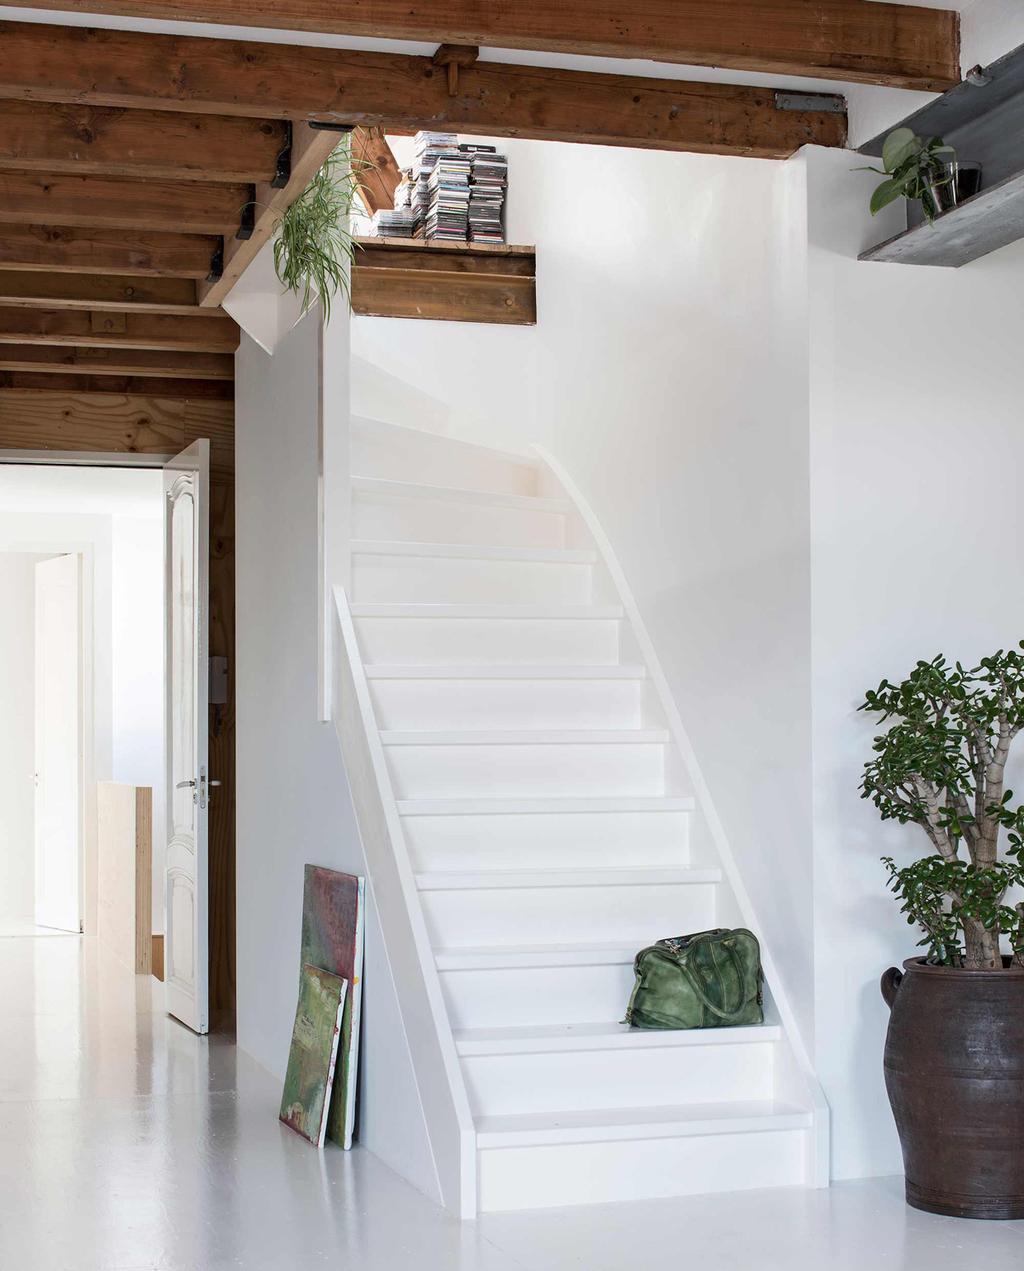 witte robuuste trap in huis met veel balken